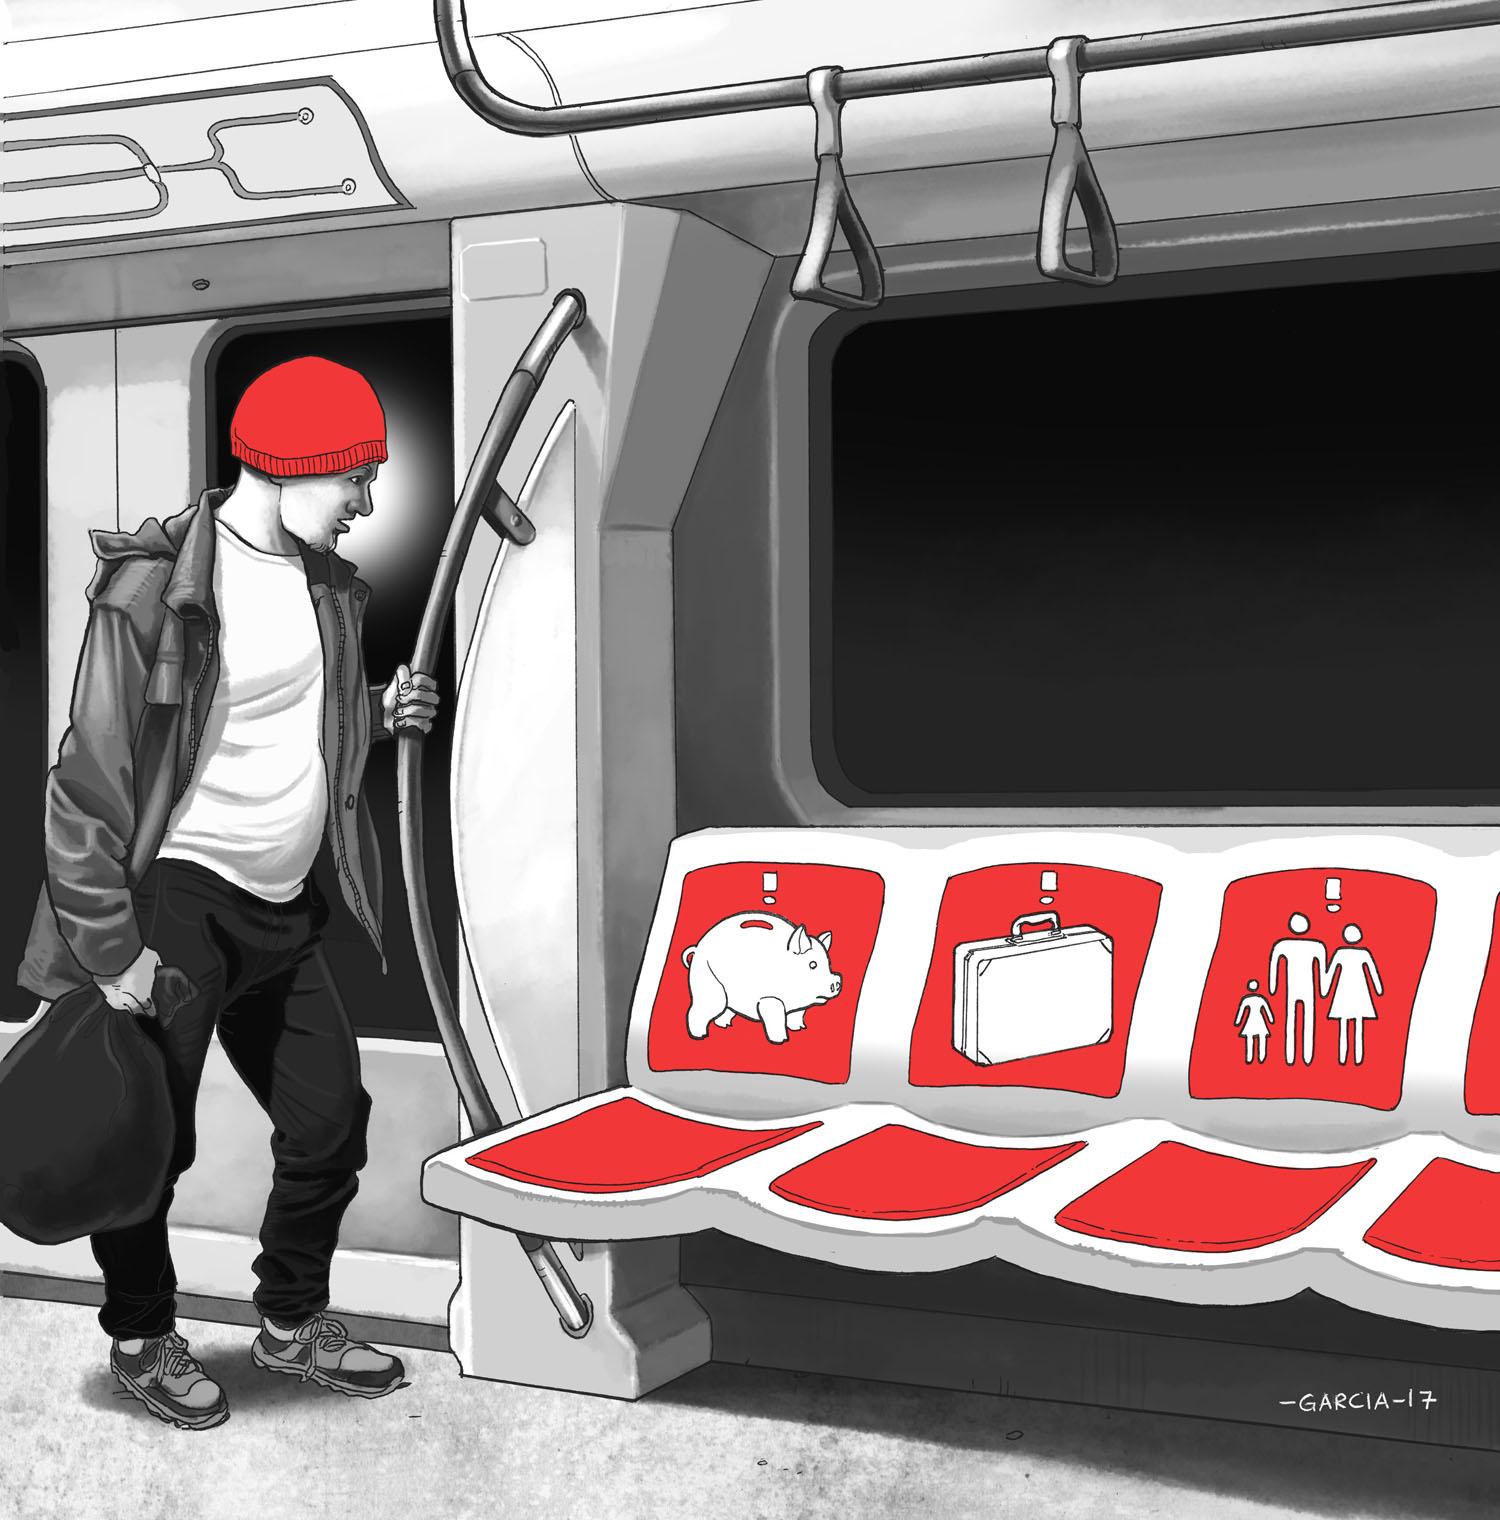 Daniel Garcia Art Illustration Editorial Belgium Belgique Alter Echos Pauverty Pauverte Nudging 01